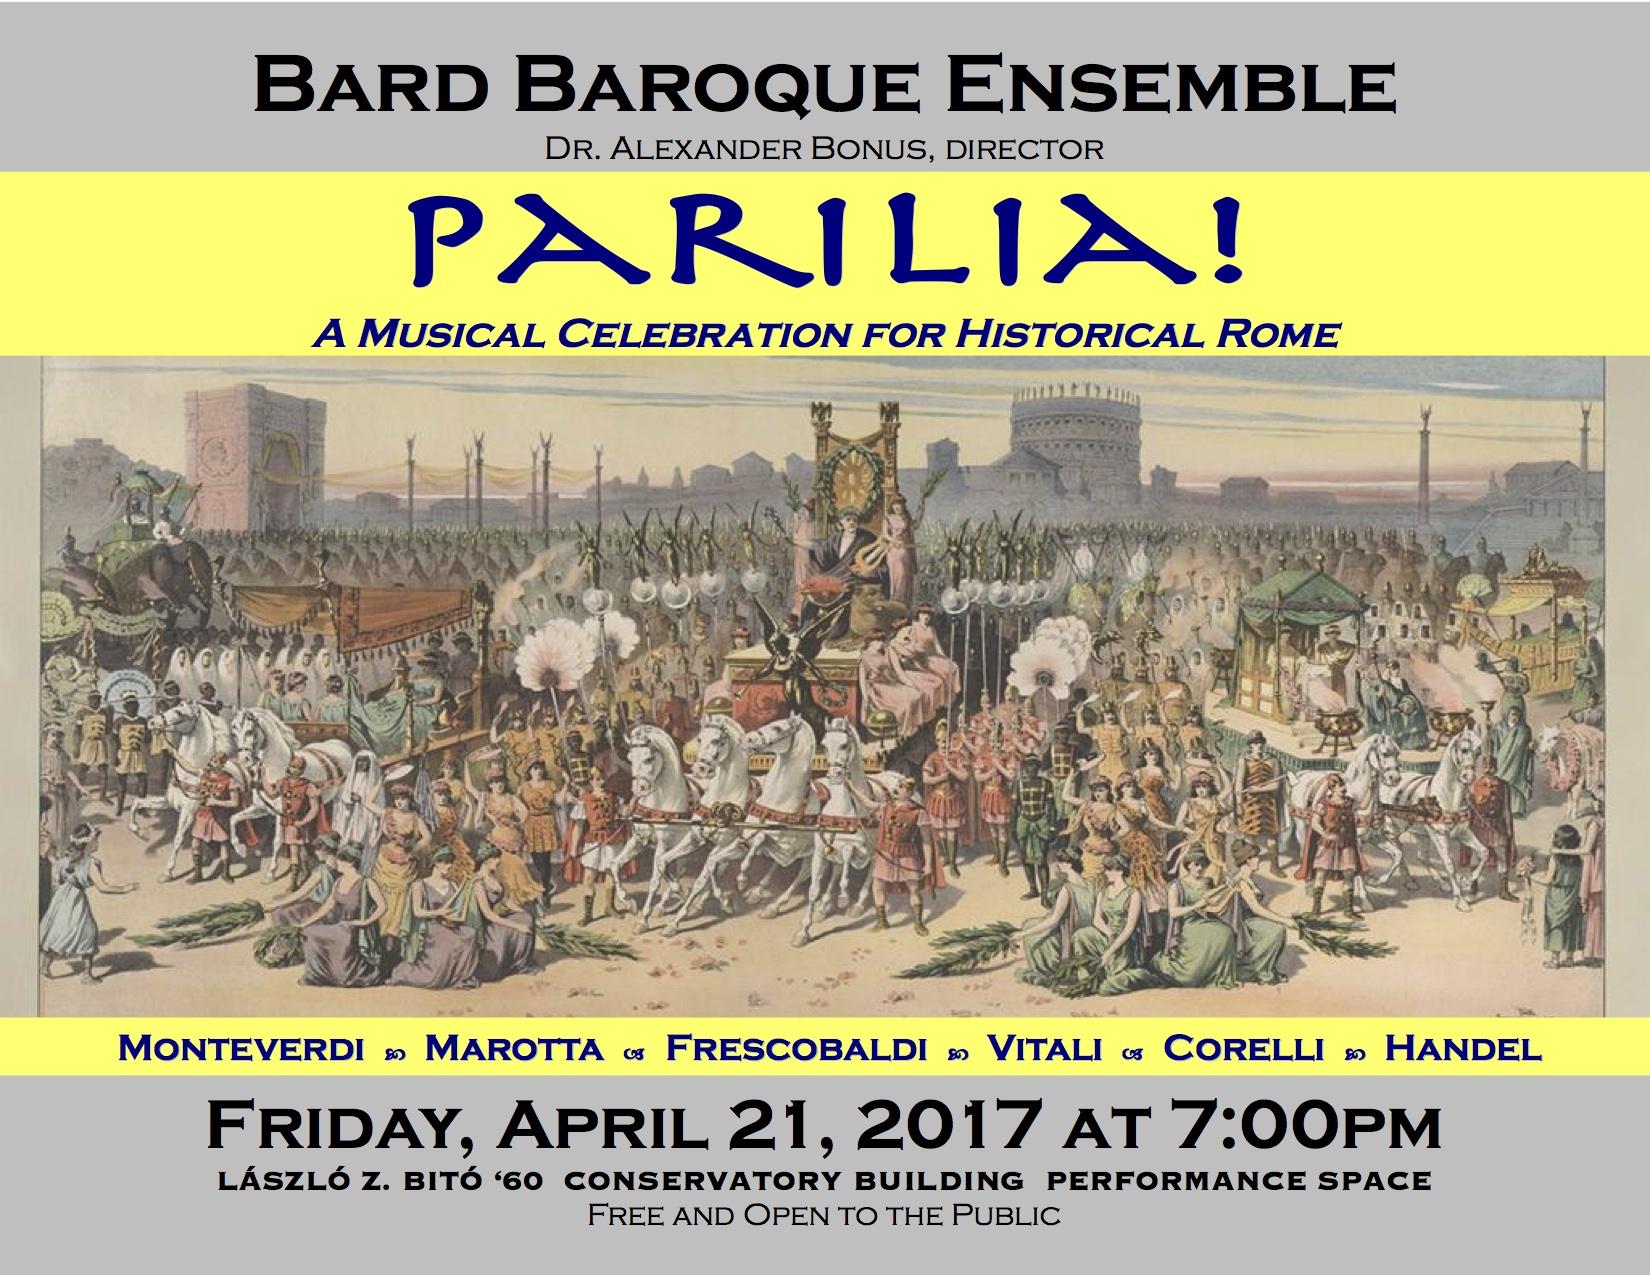 [The Bard Baroque Ensemble]